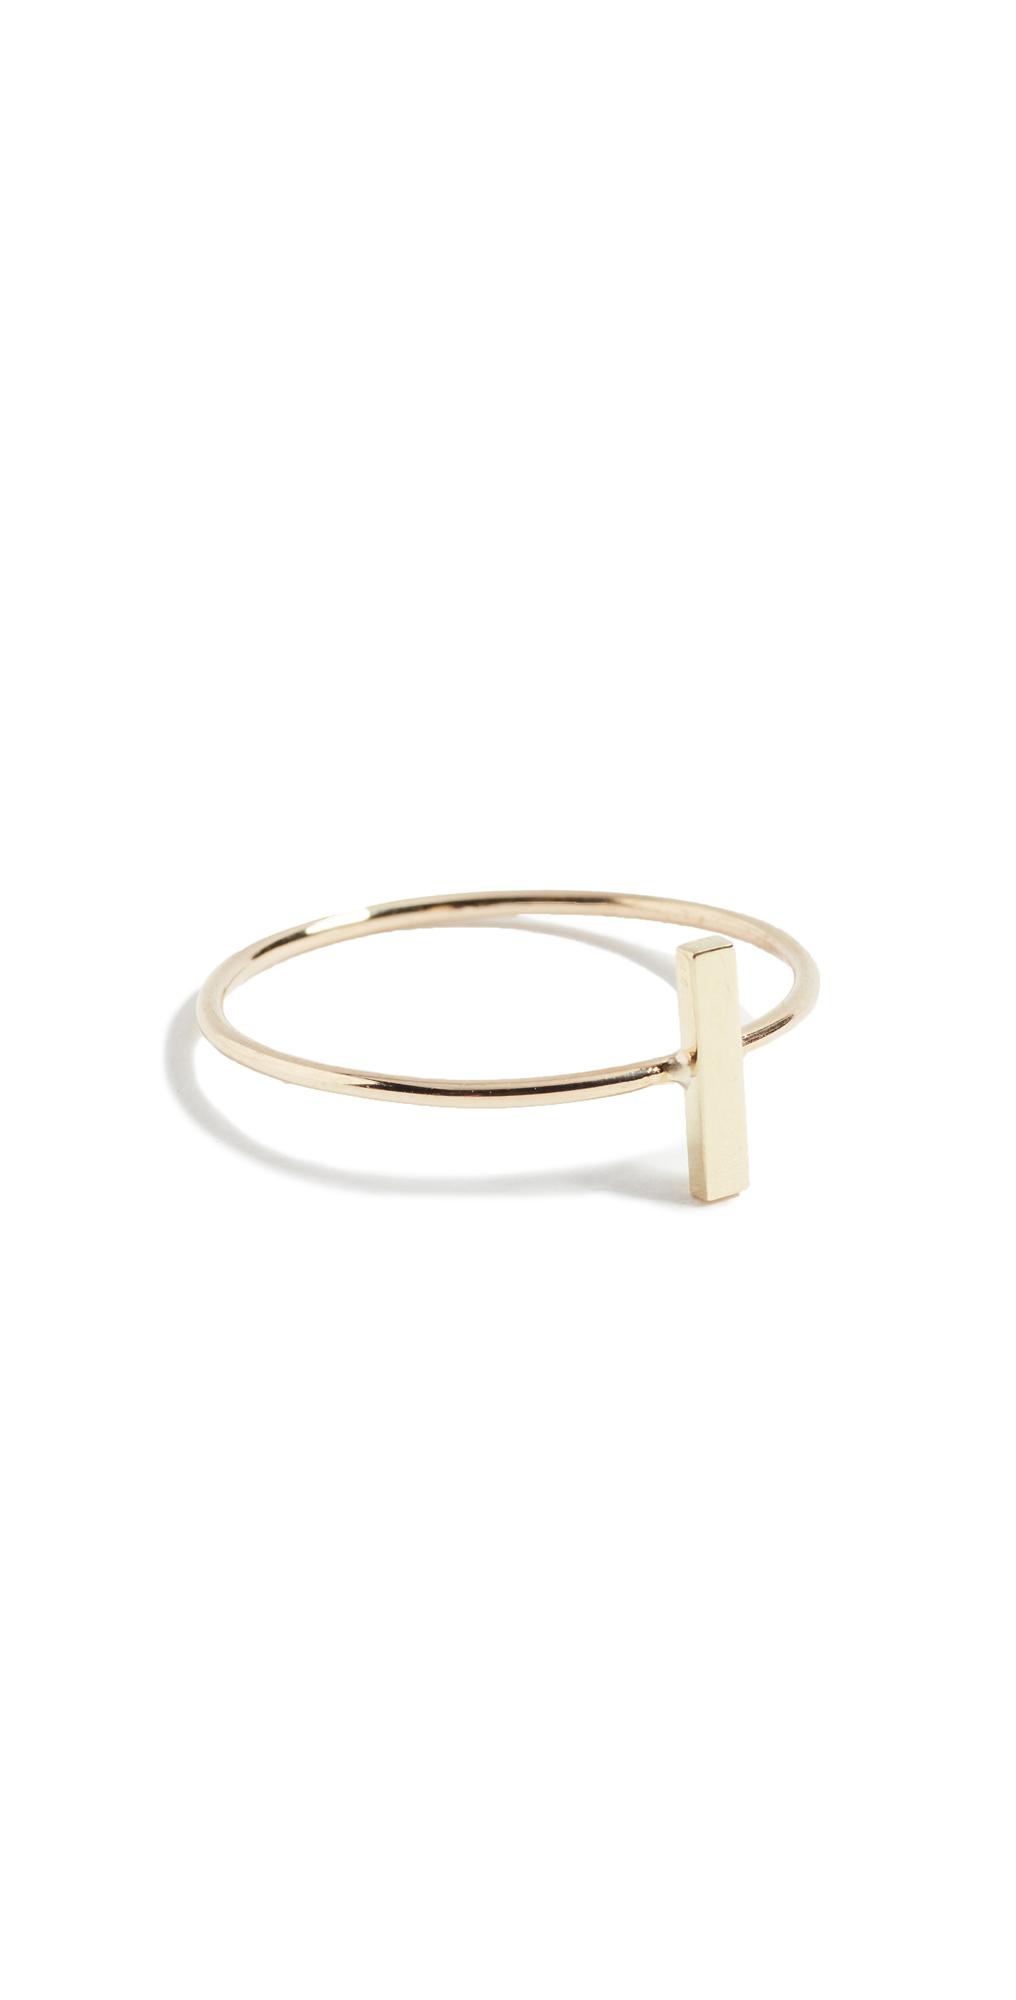 18k Gold Bar Ring